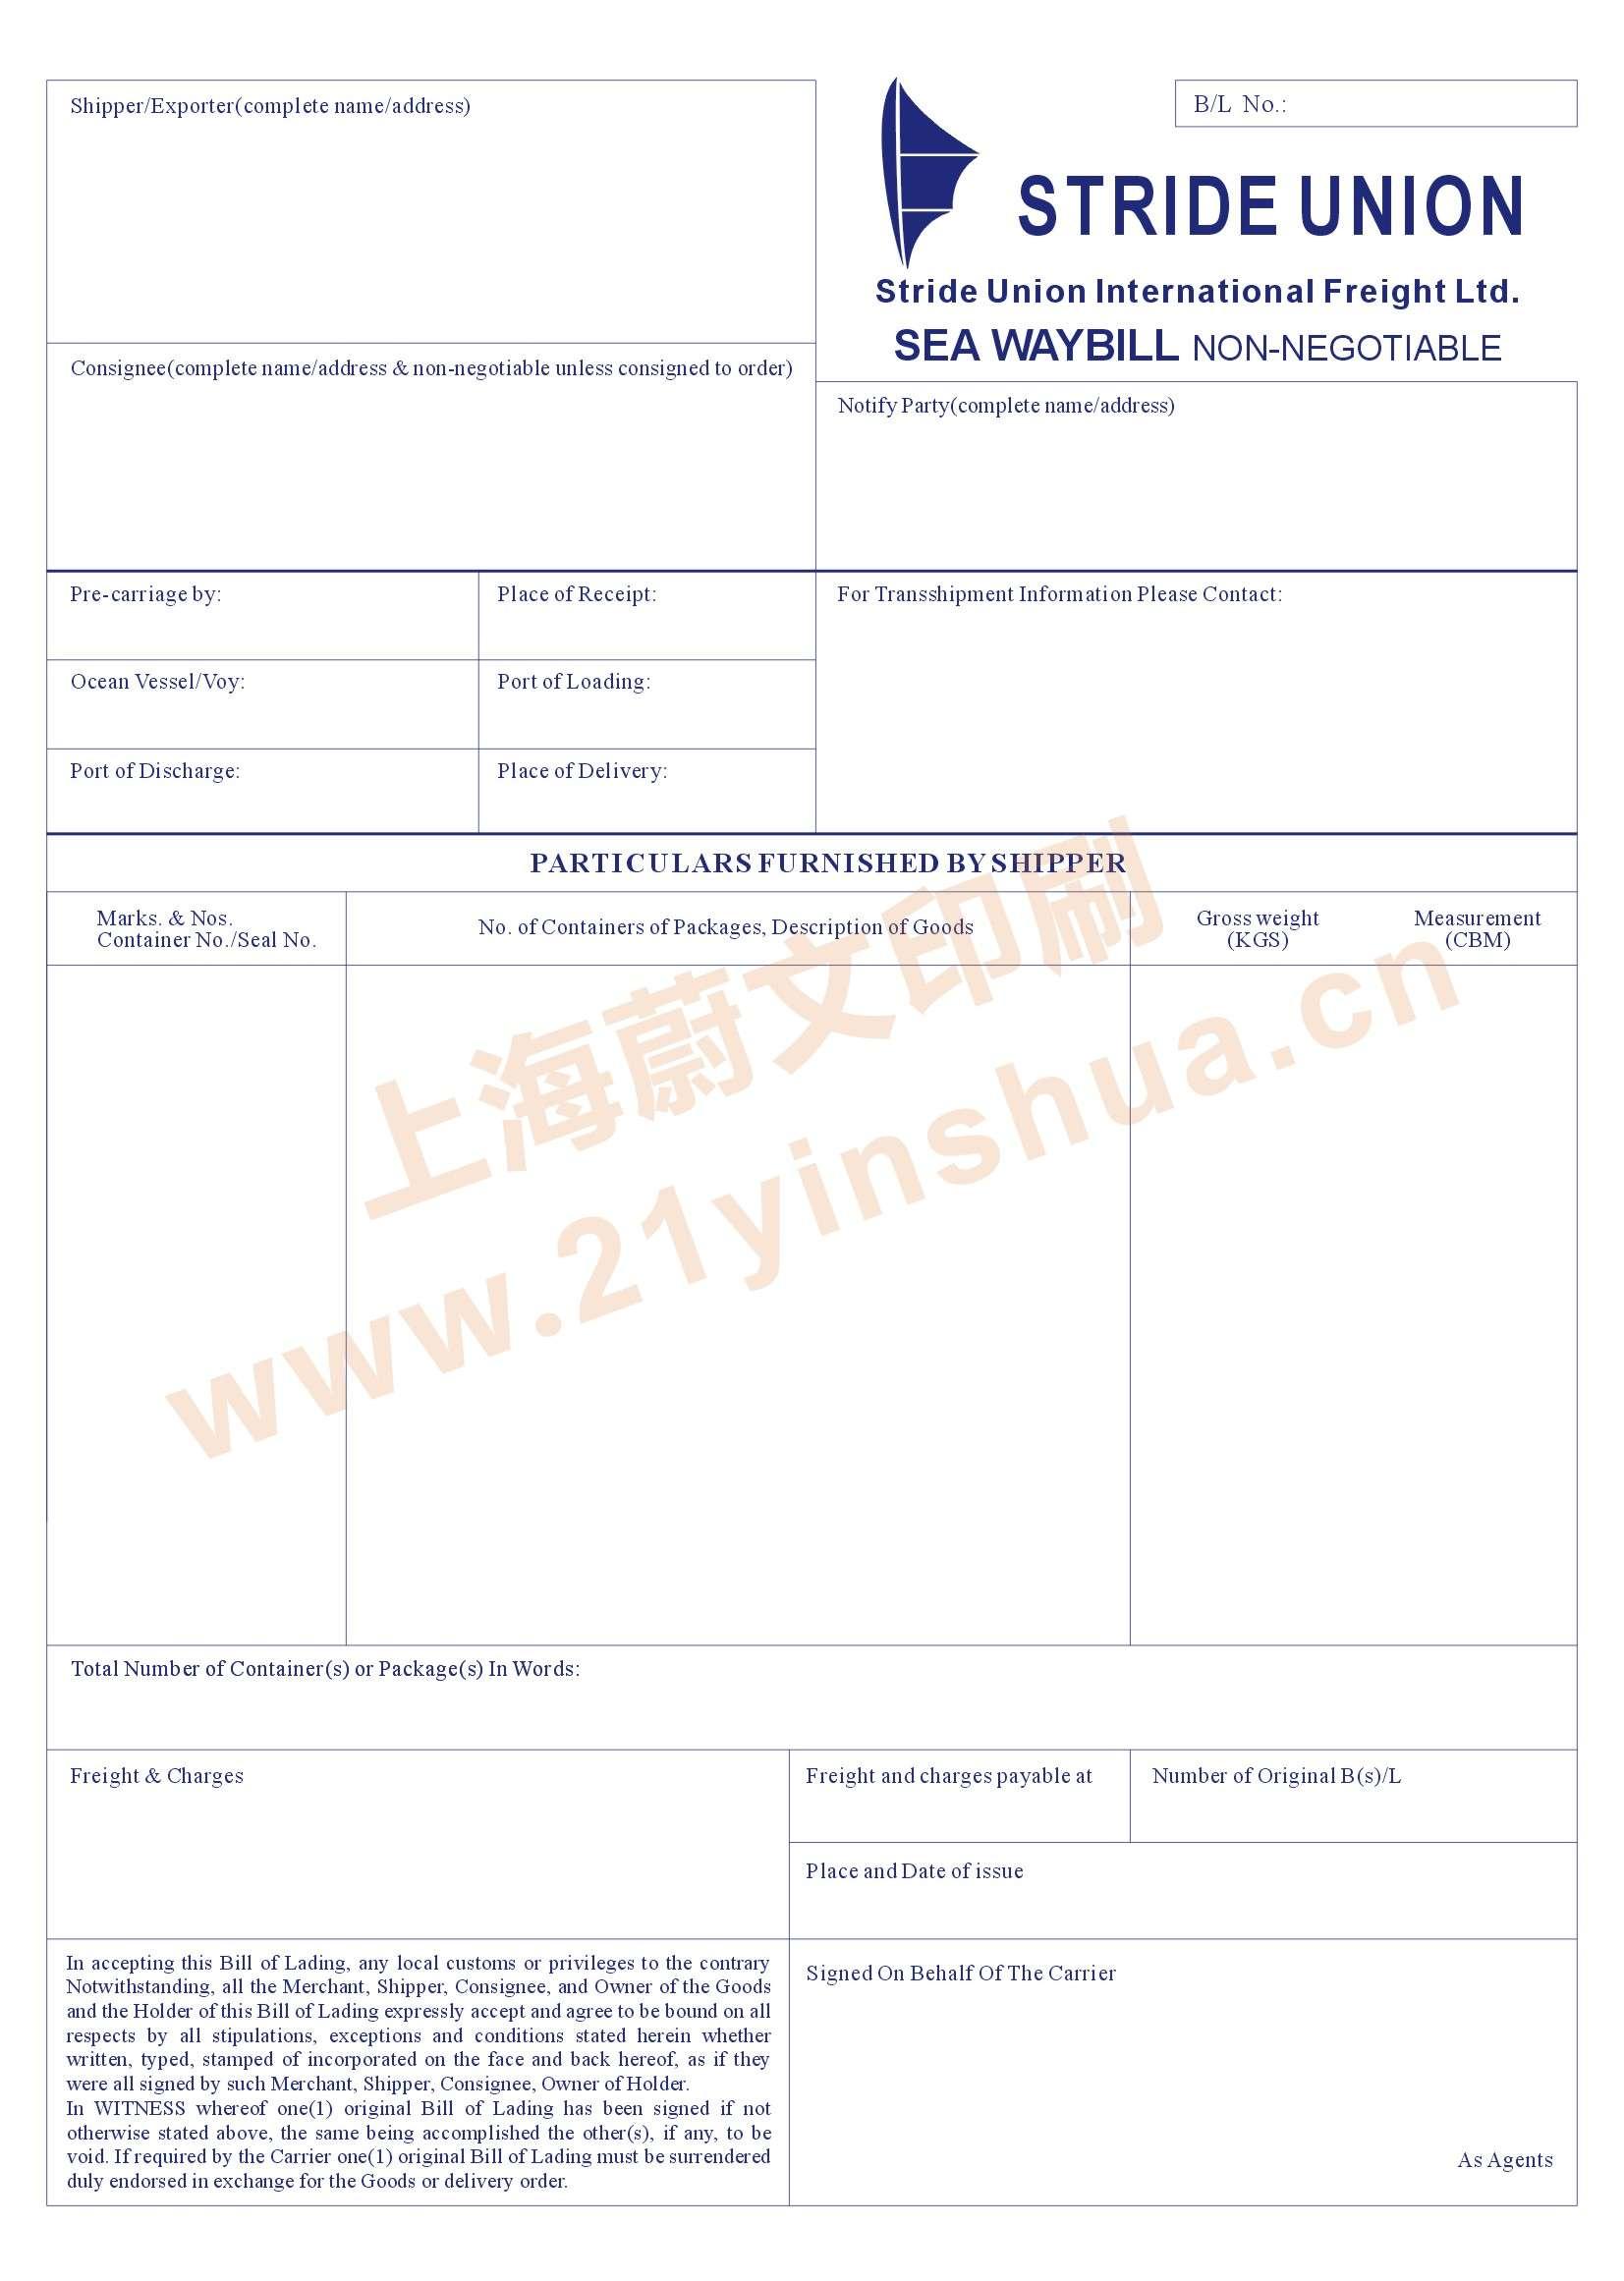 印刷定制海运提单 STRIDE UNION 高端打印纸成功案例